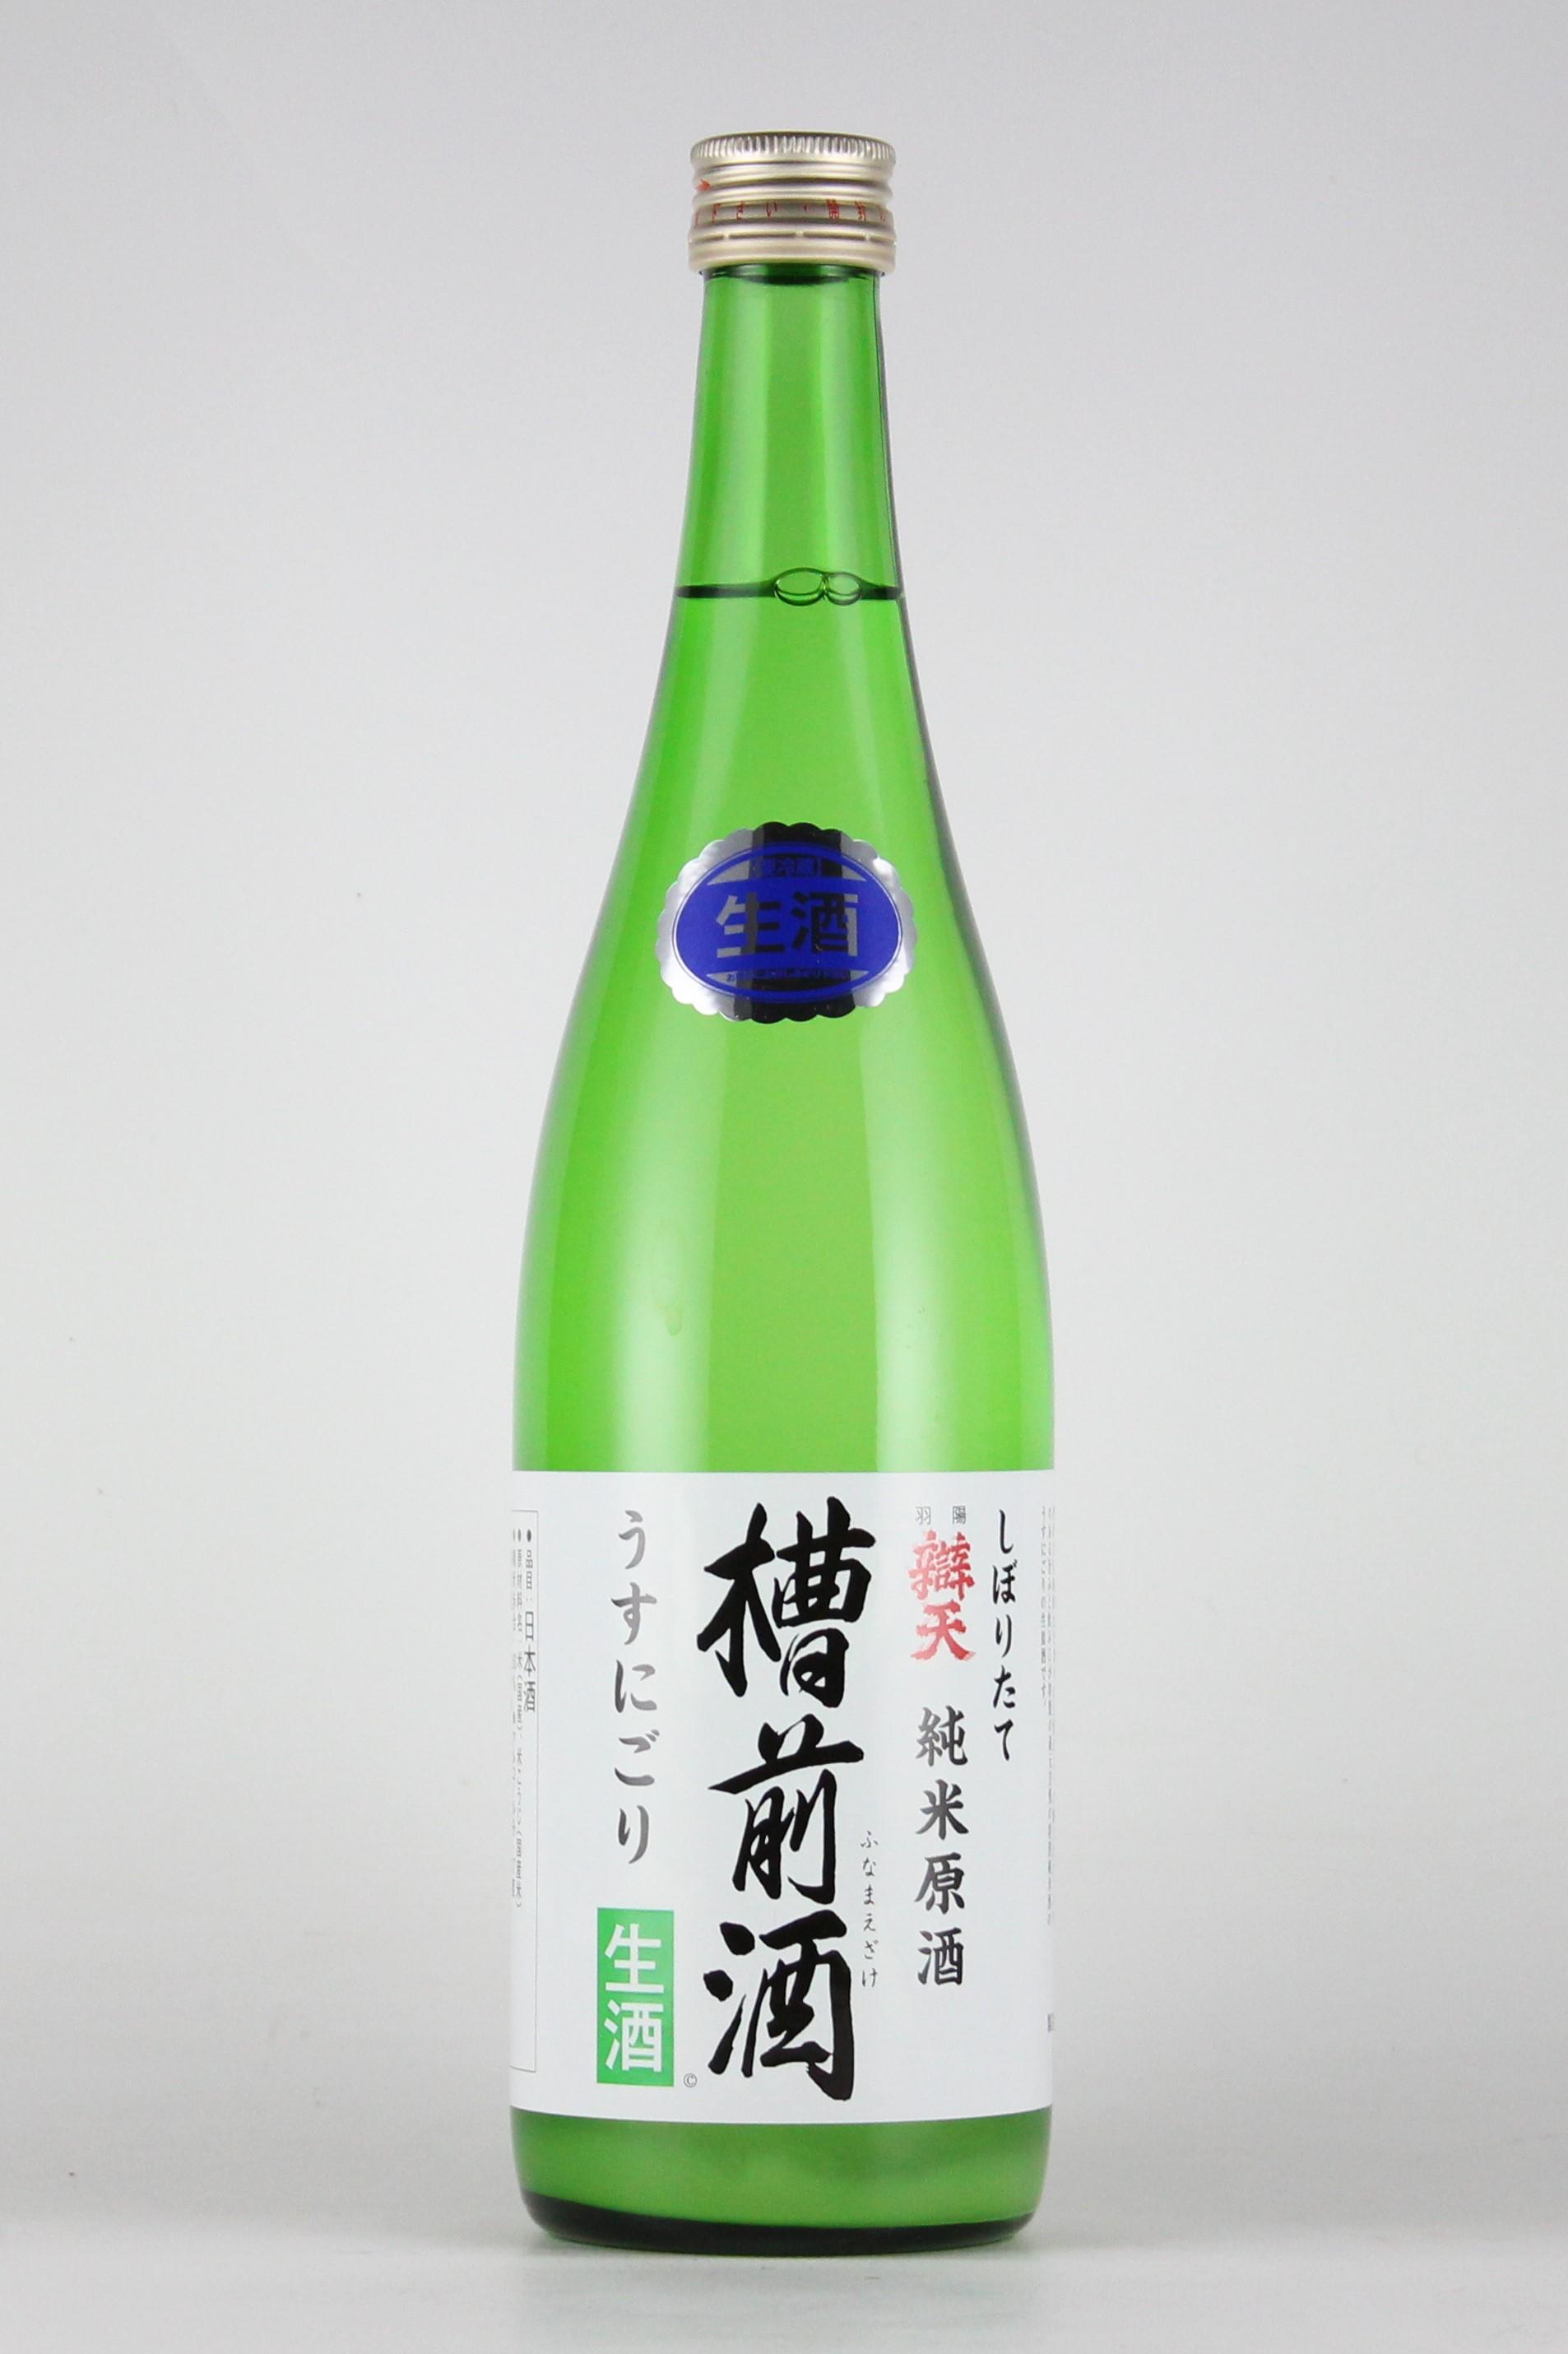 辯天 槽前酒 純米生原酒うすにごり 720ml 【山形/後藤酒造店】